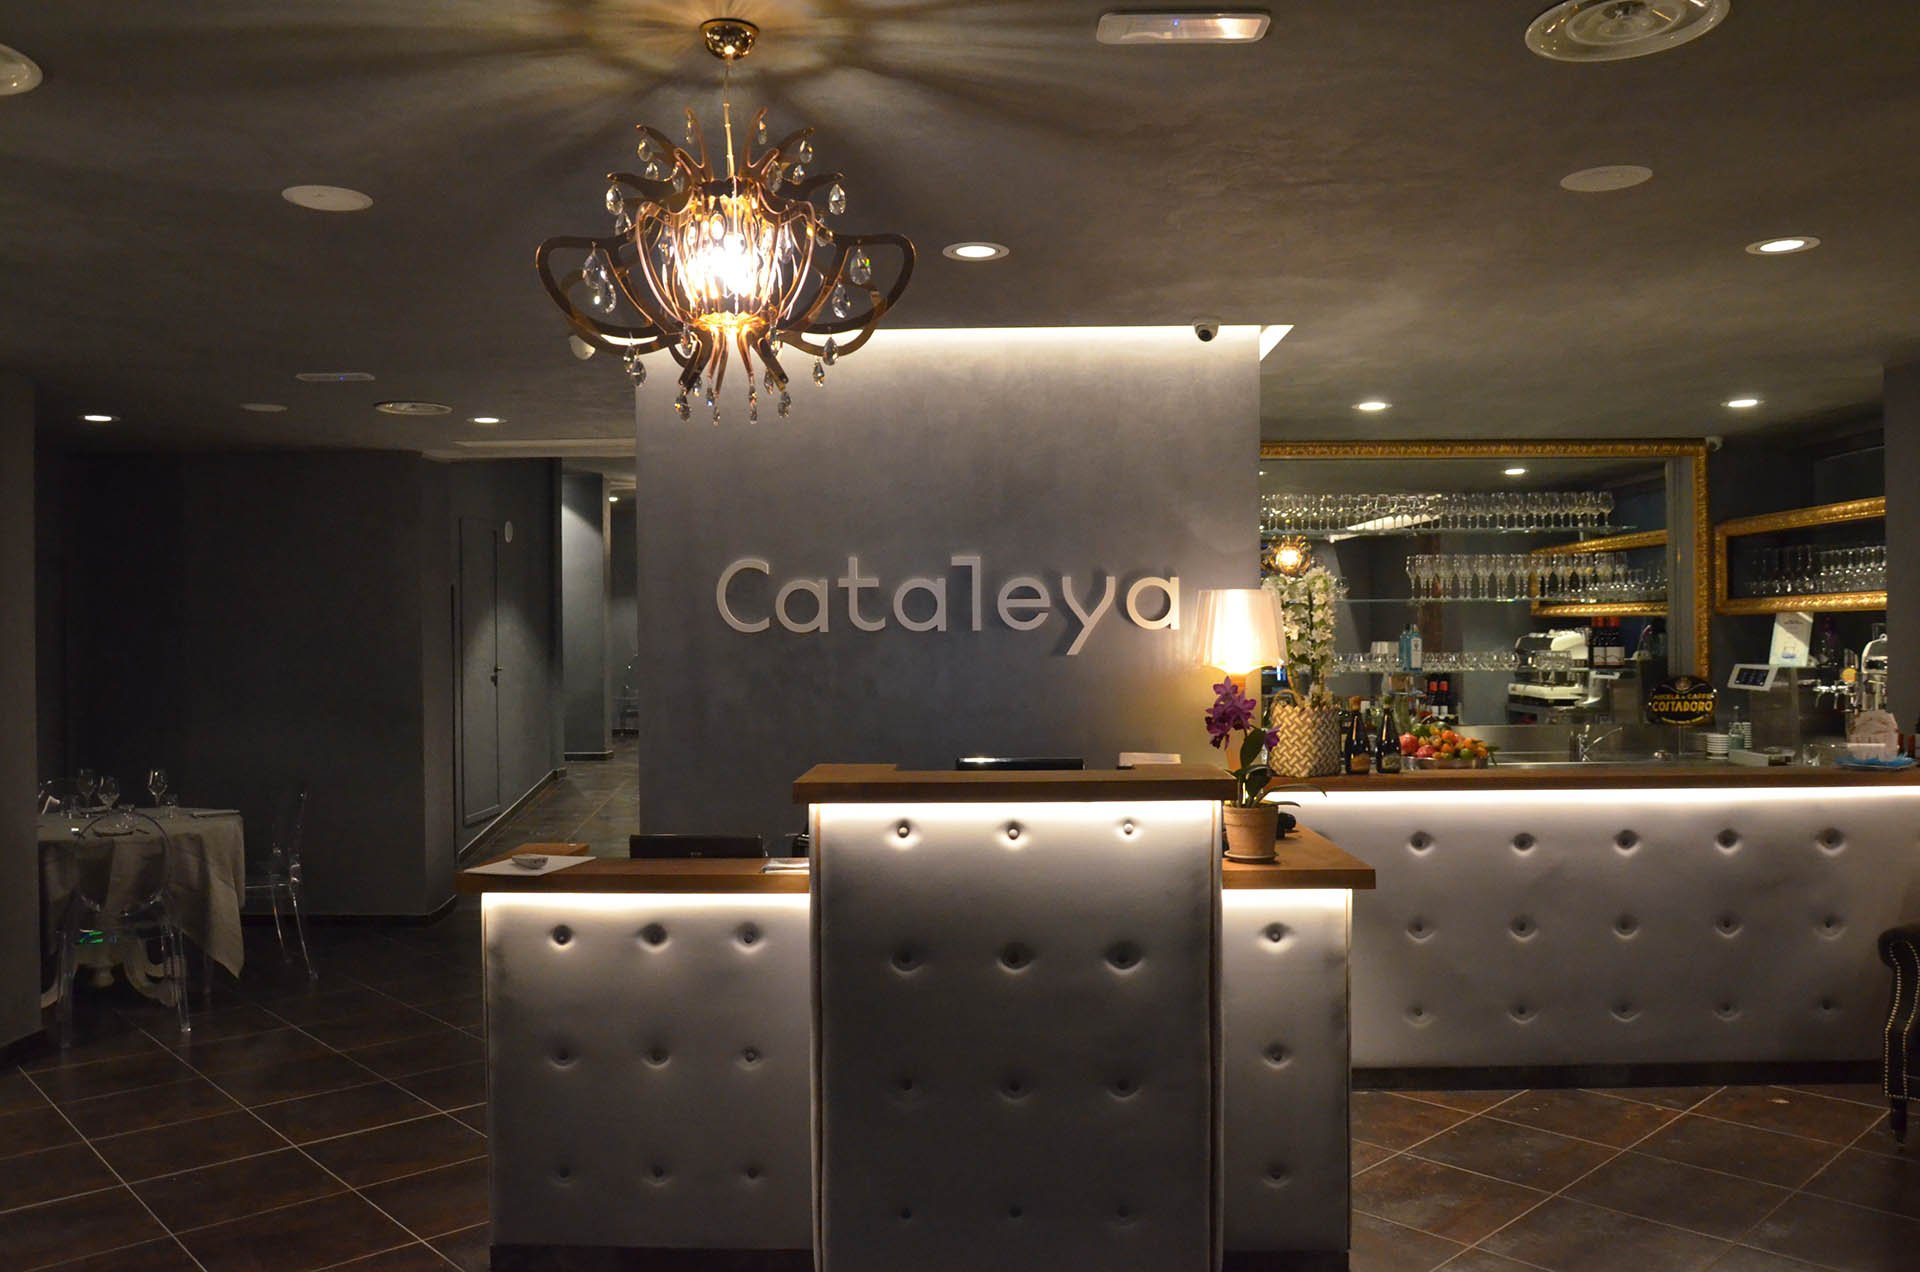 Cataleya ristorante Torino